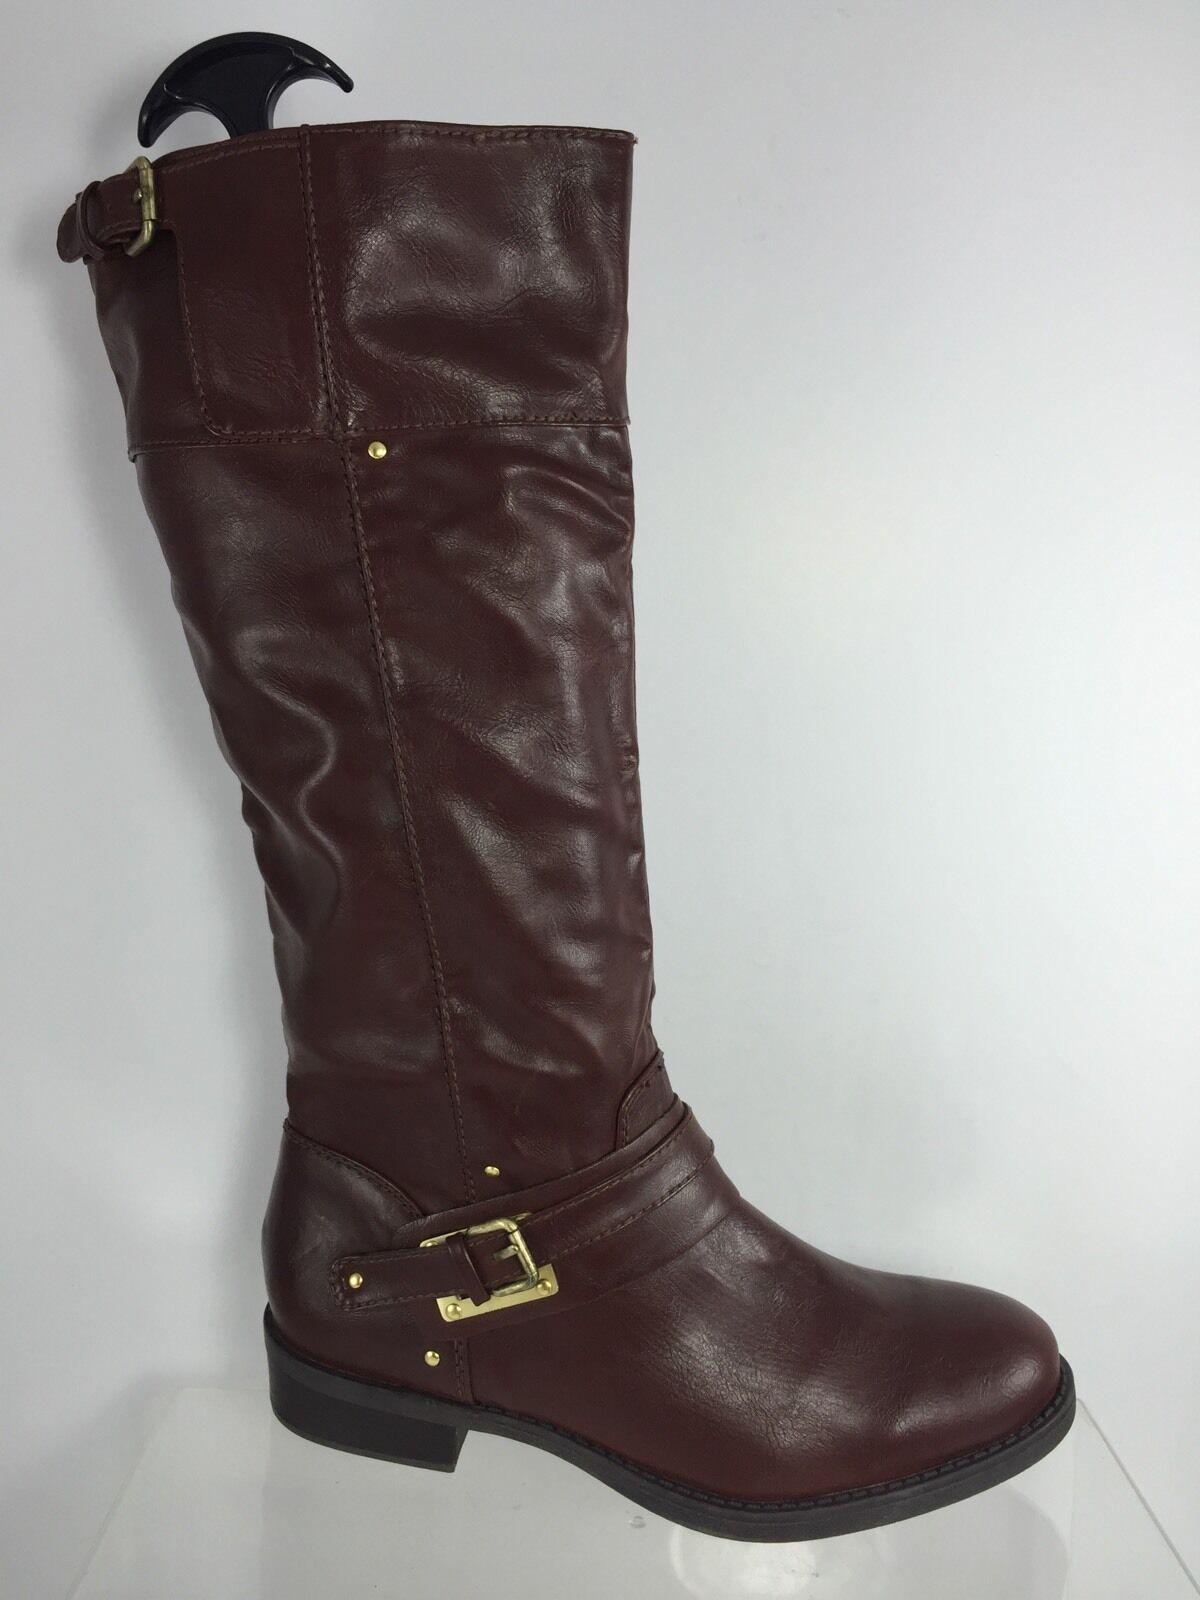 Dolce Vita Damenschuhe Braun Knee Stiefel 8.5